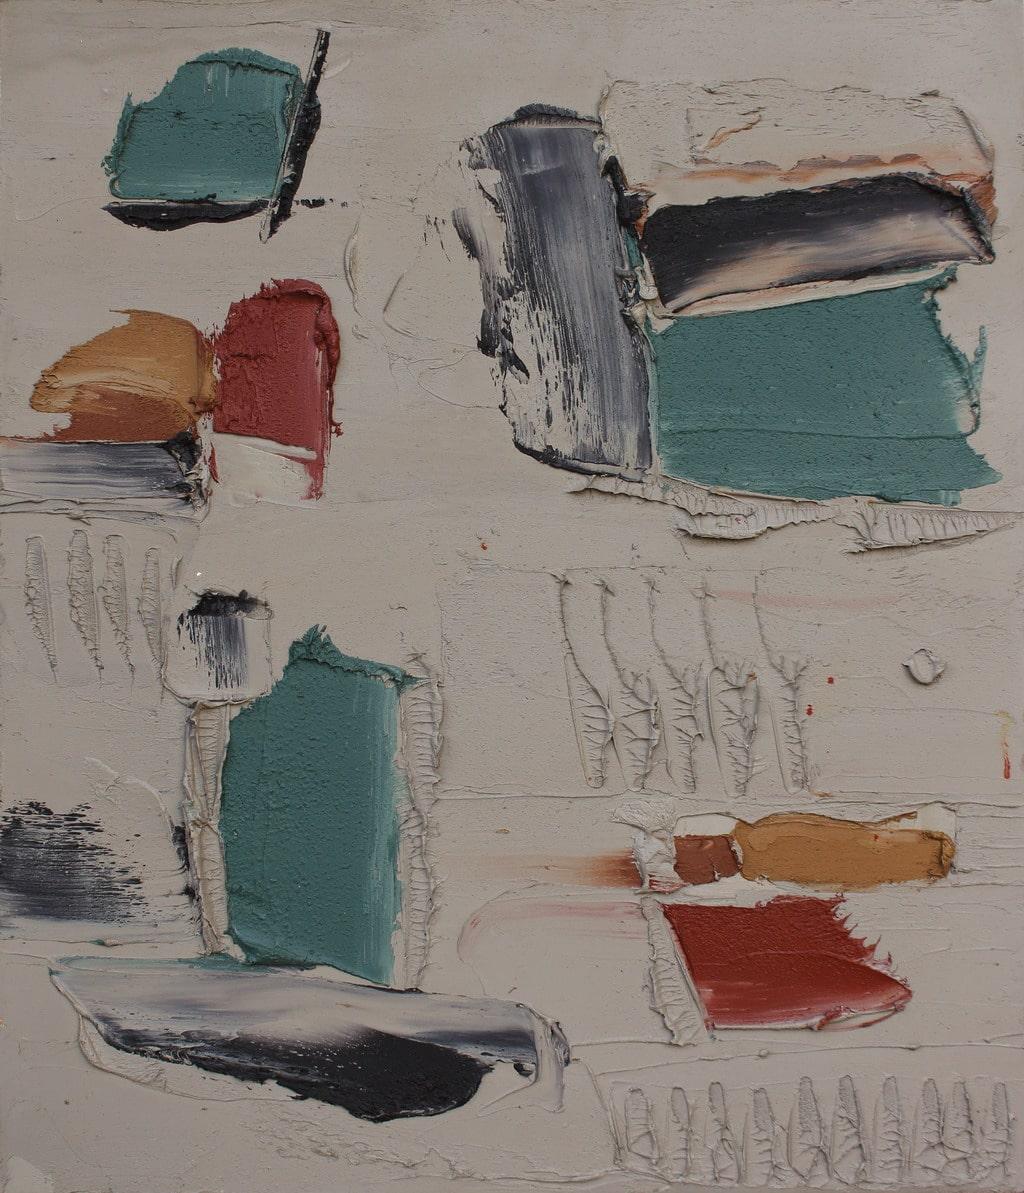 """Erminio Tansini, """"Senza titolo"""", 2011, olio su tavola, 70x60 cm. © Erminio Tansini"""